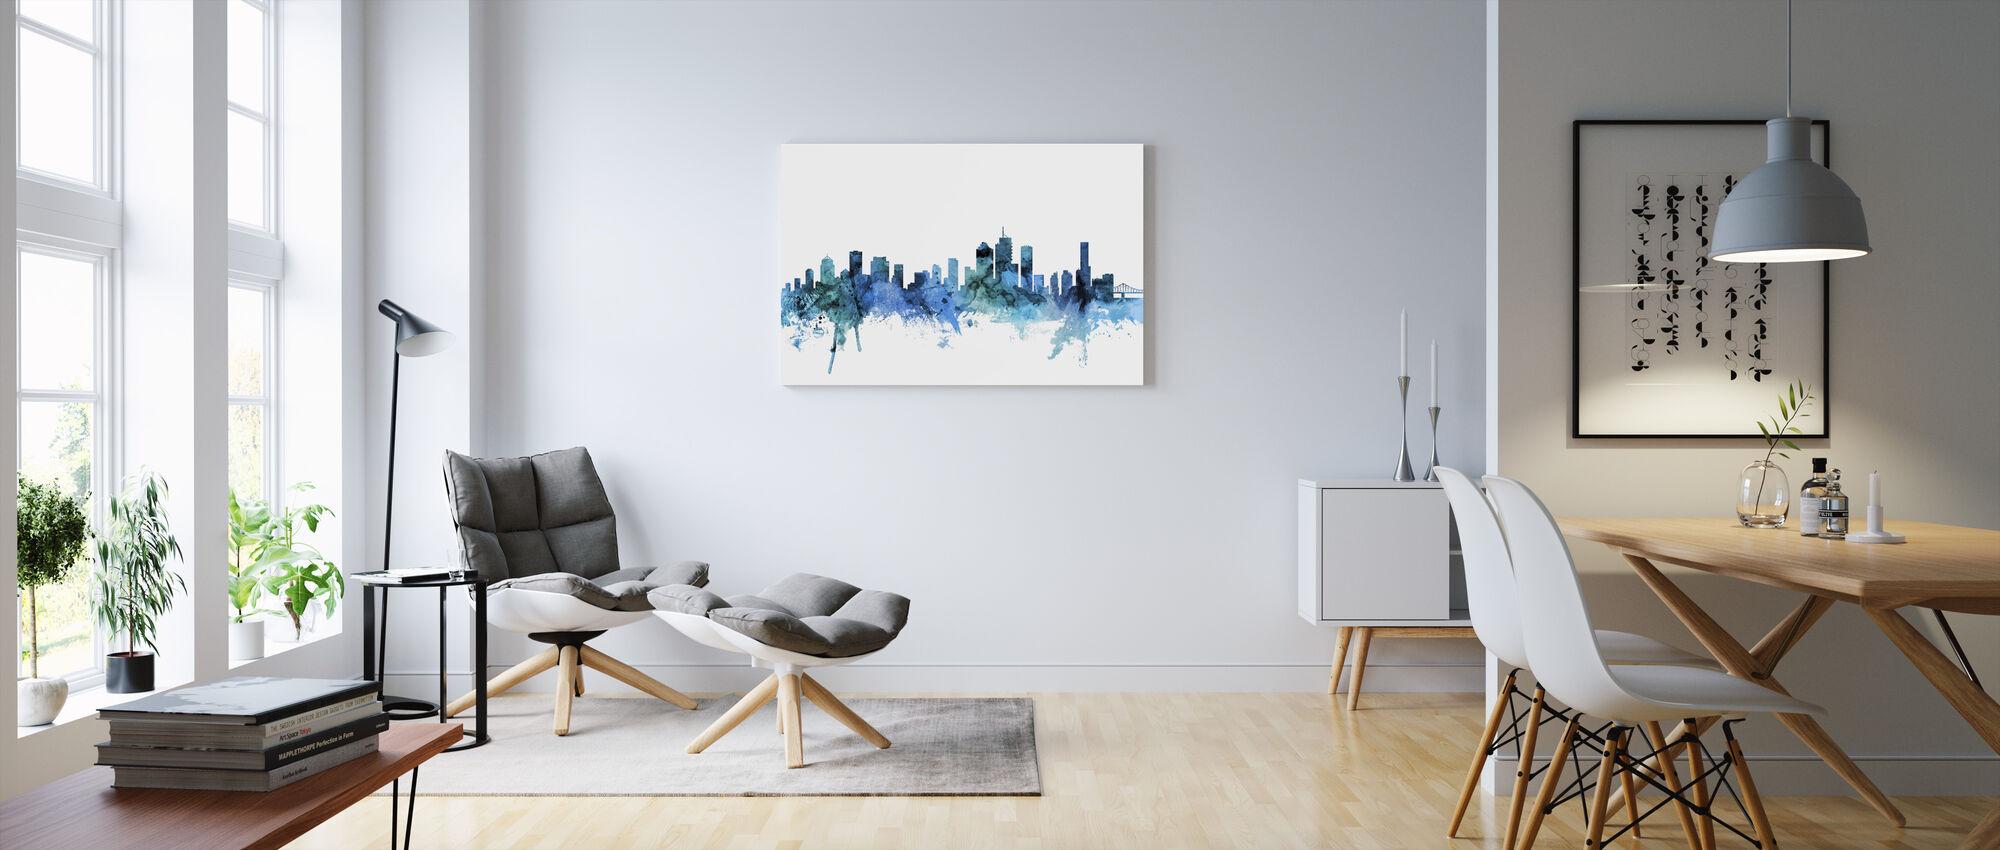 Skyline van Brisbane Australië - Canvas print - Woonkamer